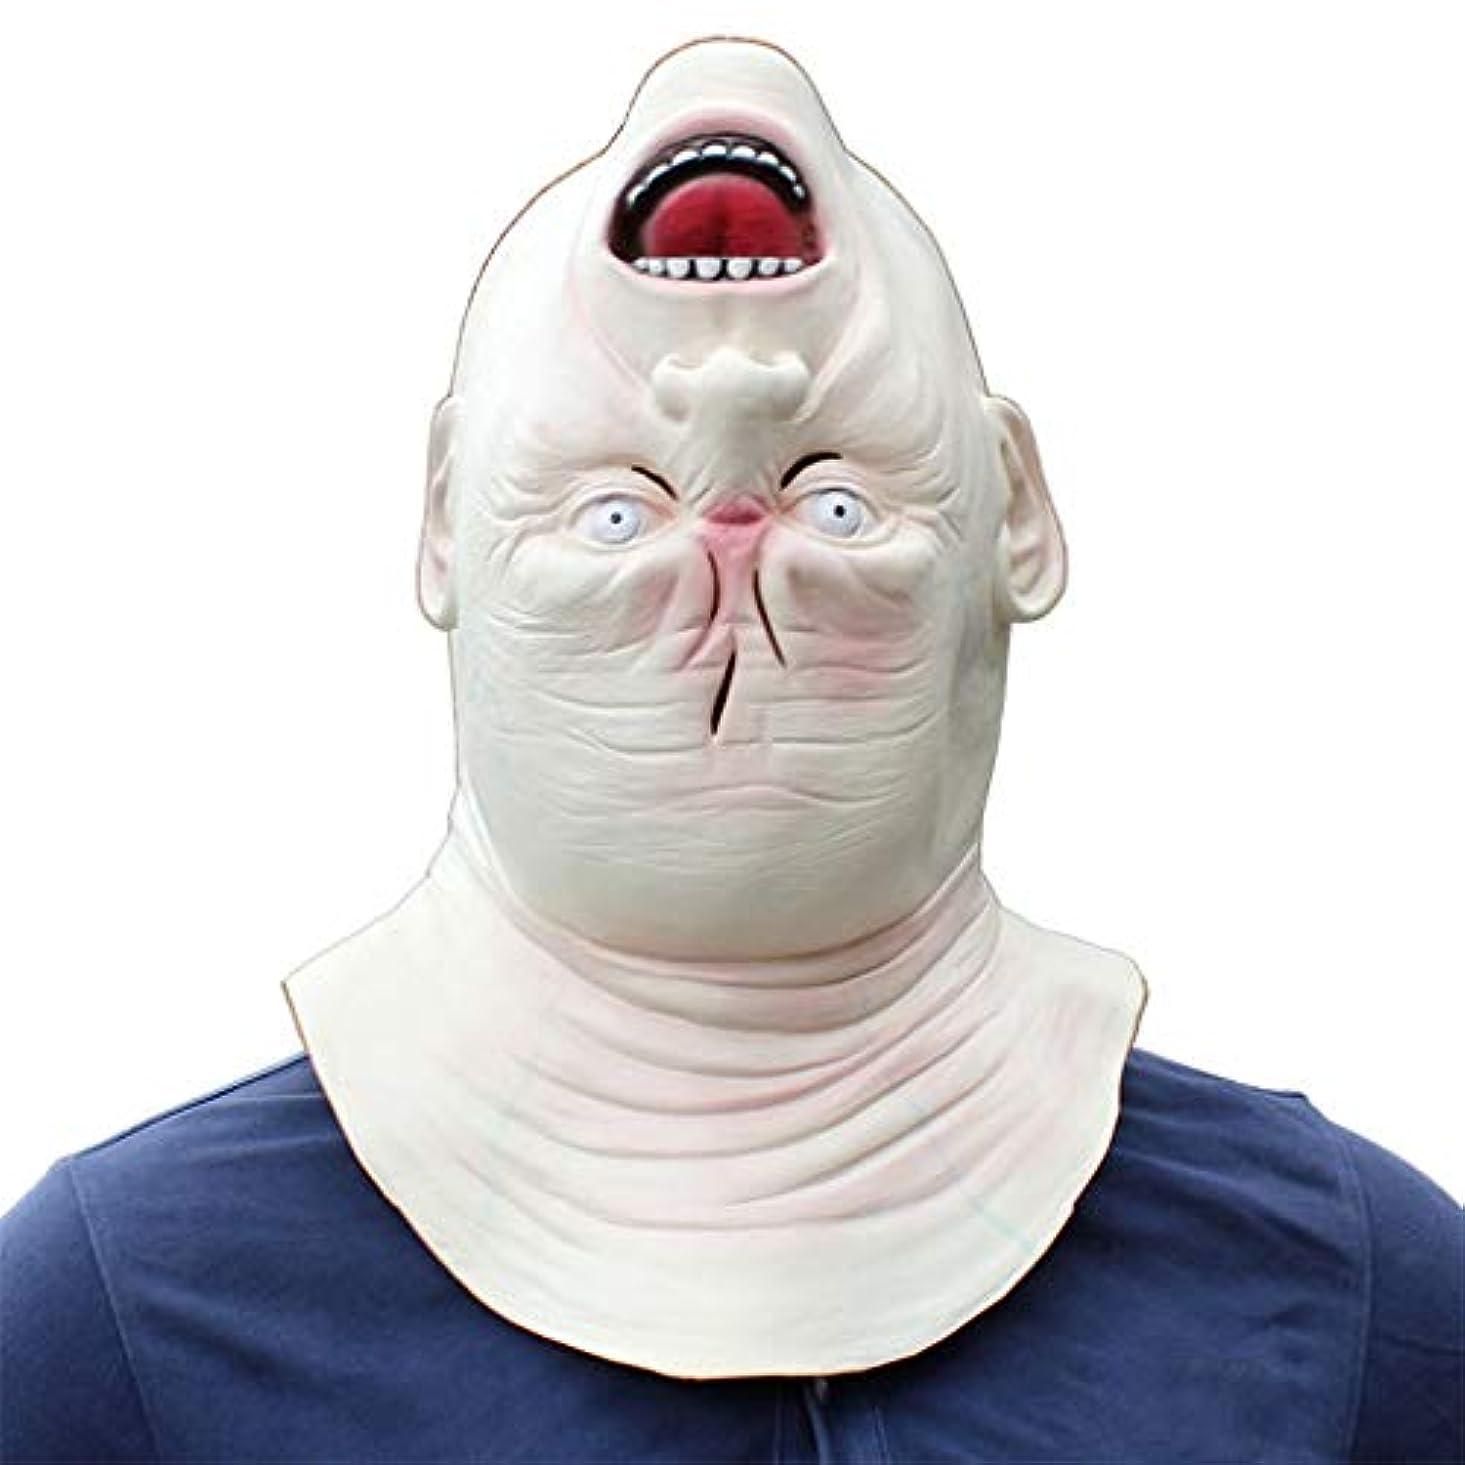 マイルスーパーマーケット重量ハロウィーンマスク、面白い小道具、不気味なラテックスコスチュームパーティーの現実的なヘッドマスク、ハロウィーン、イースター